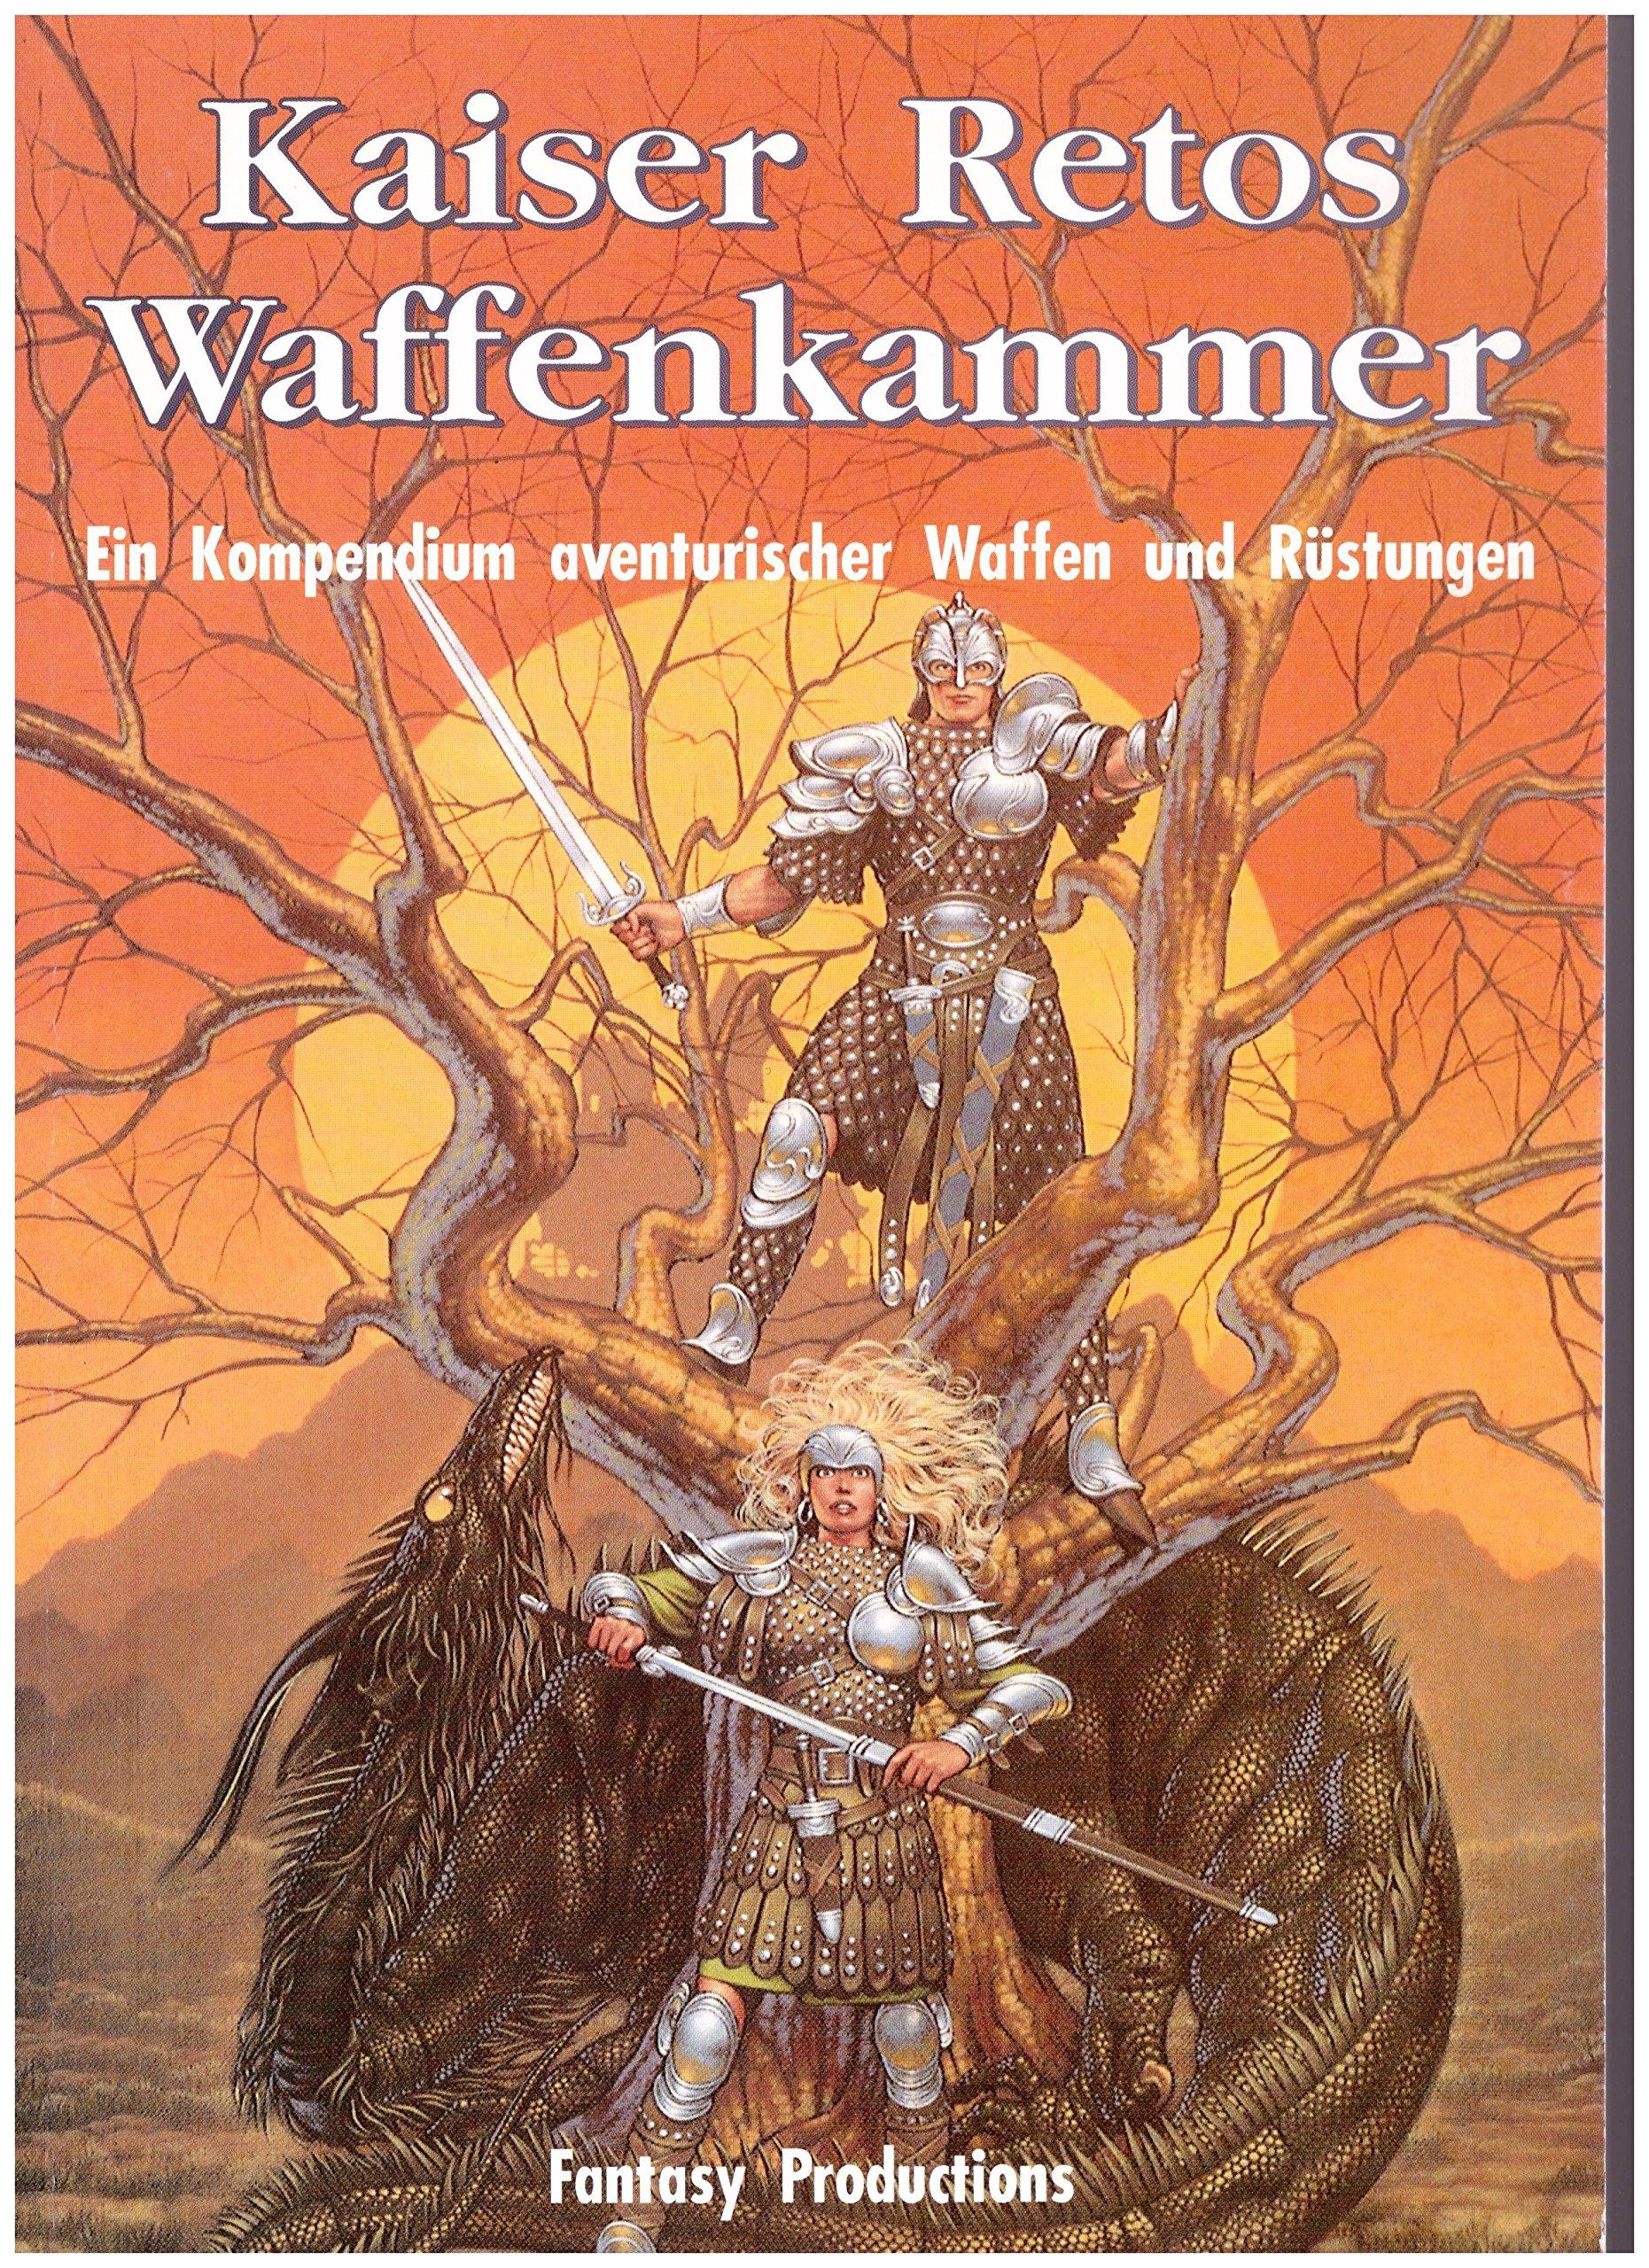 kaiser-retos-waffenkammer-kompendium-aventurischer-waffen-und-rstungen